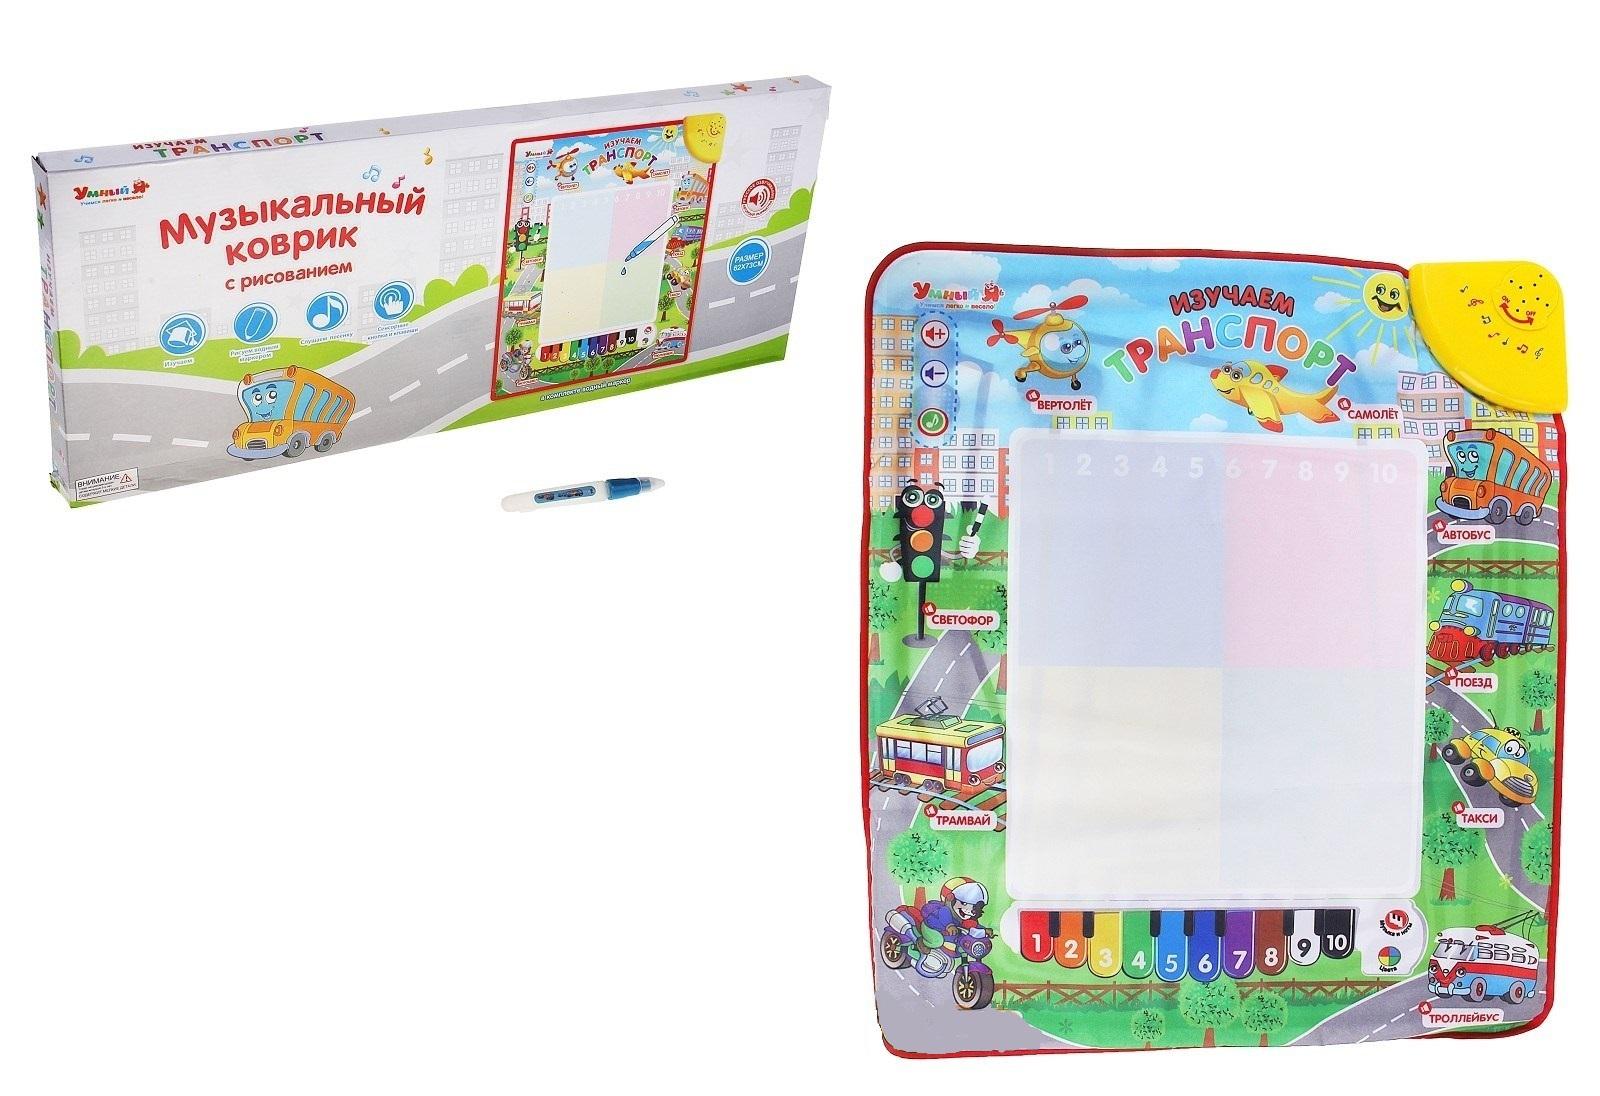 Обучающий музыкальный коврик – Транспорт, с рисованием - Интерактив для малышей, артикул: 144746